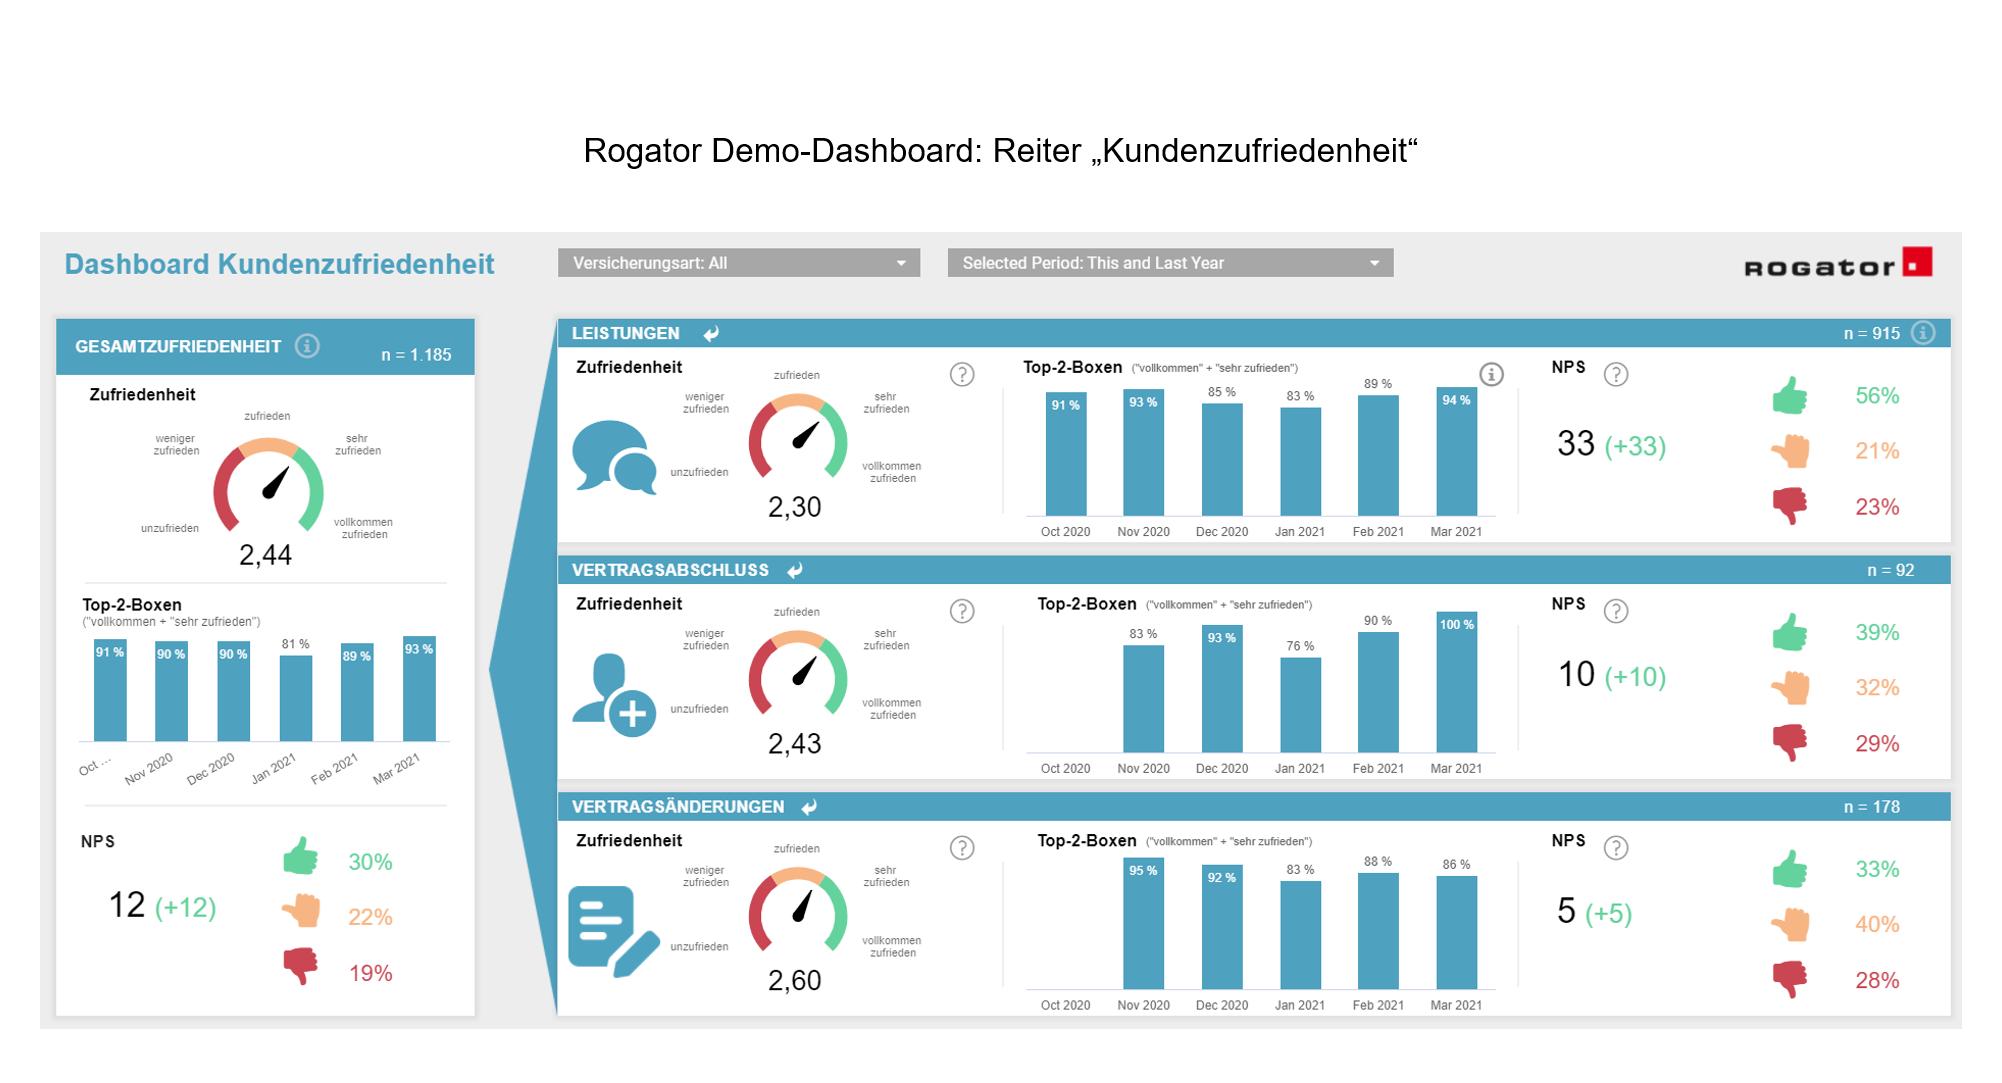 Premium Dashboard Screenshot Reiter Kundenzufriedenheit